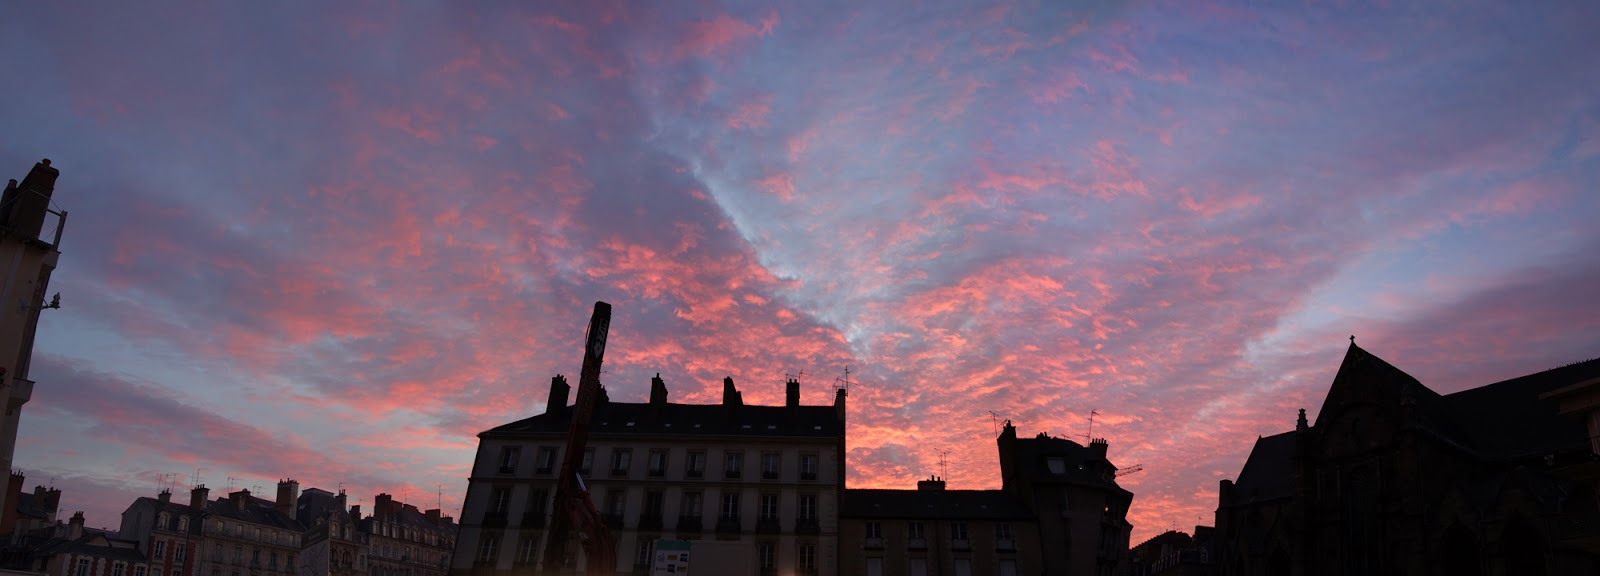 Une petite histoire de la place saint germain de rennes coucher de soleil sur la place saint - Coucher du soleil rennes ...